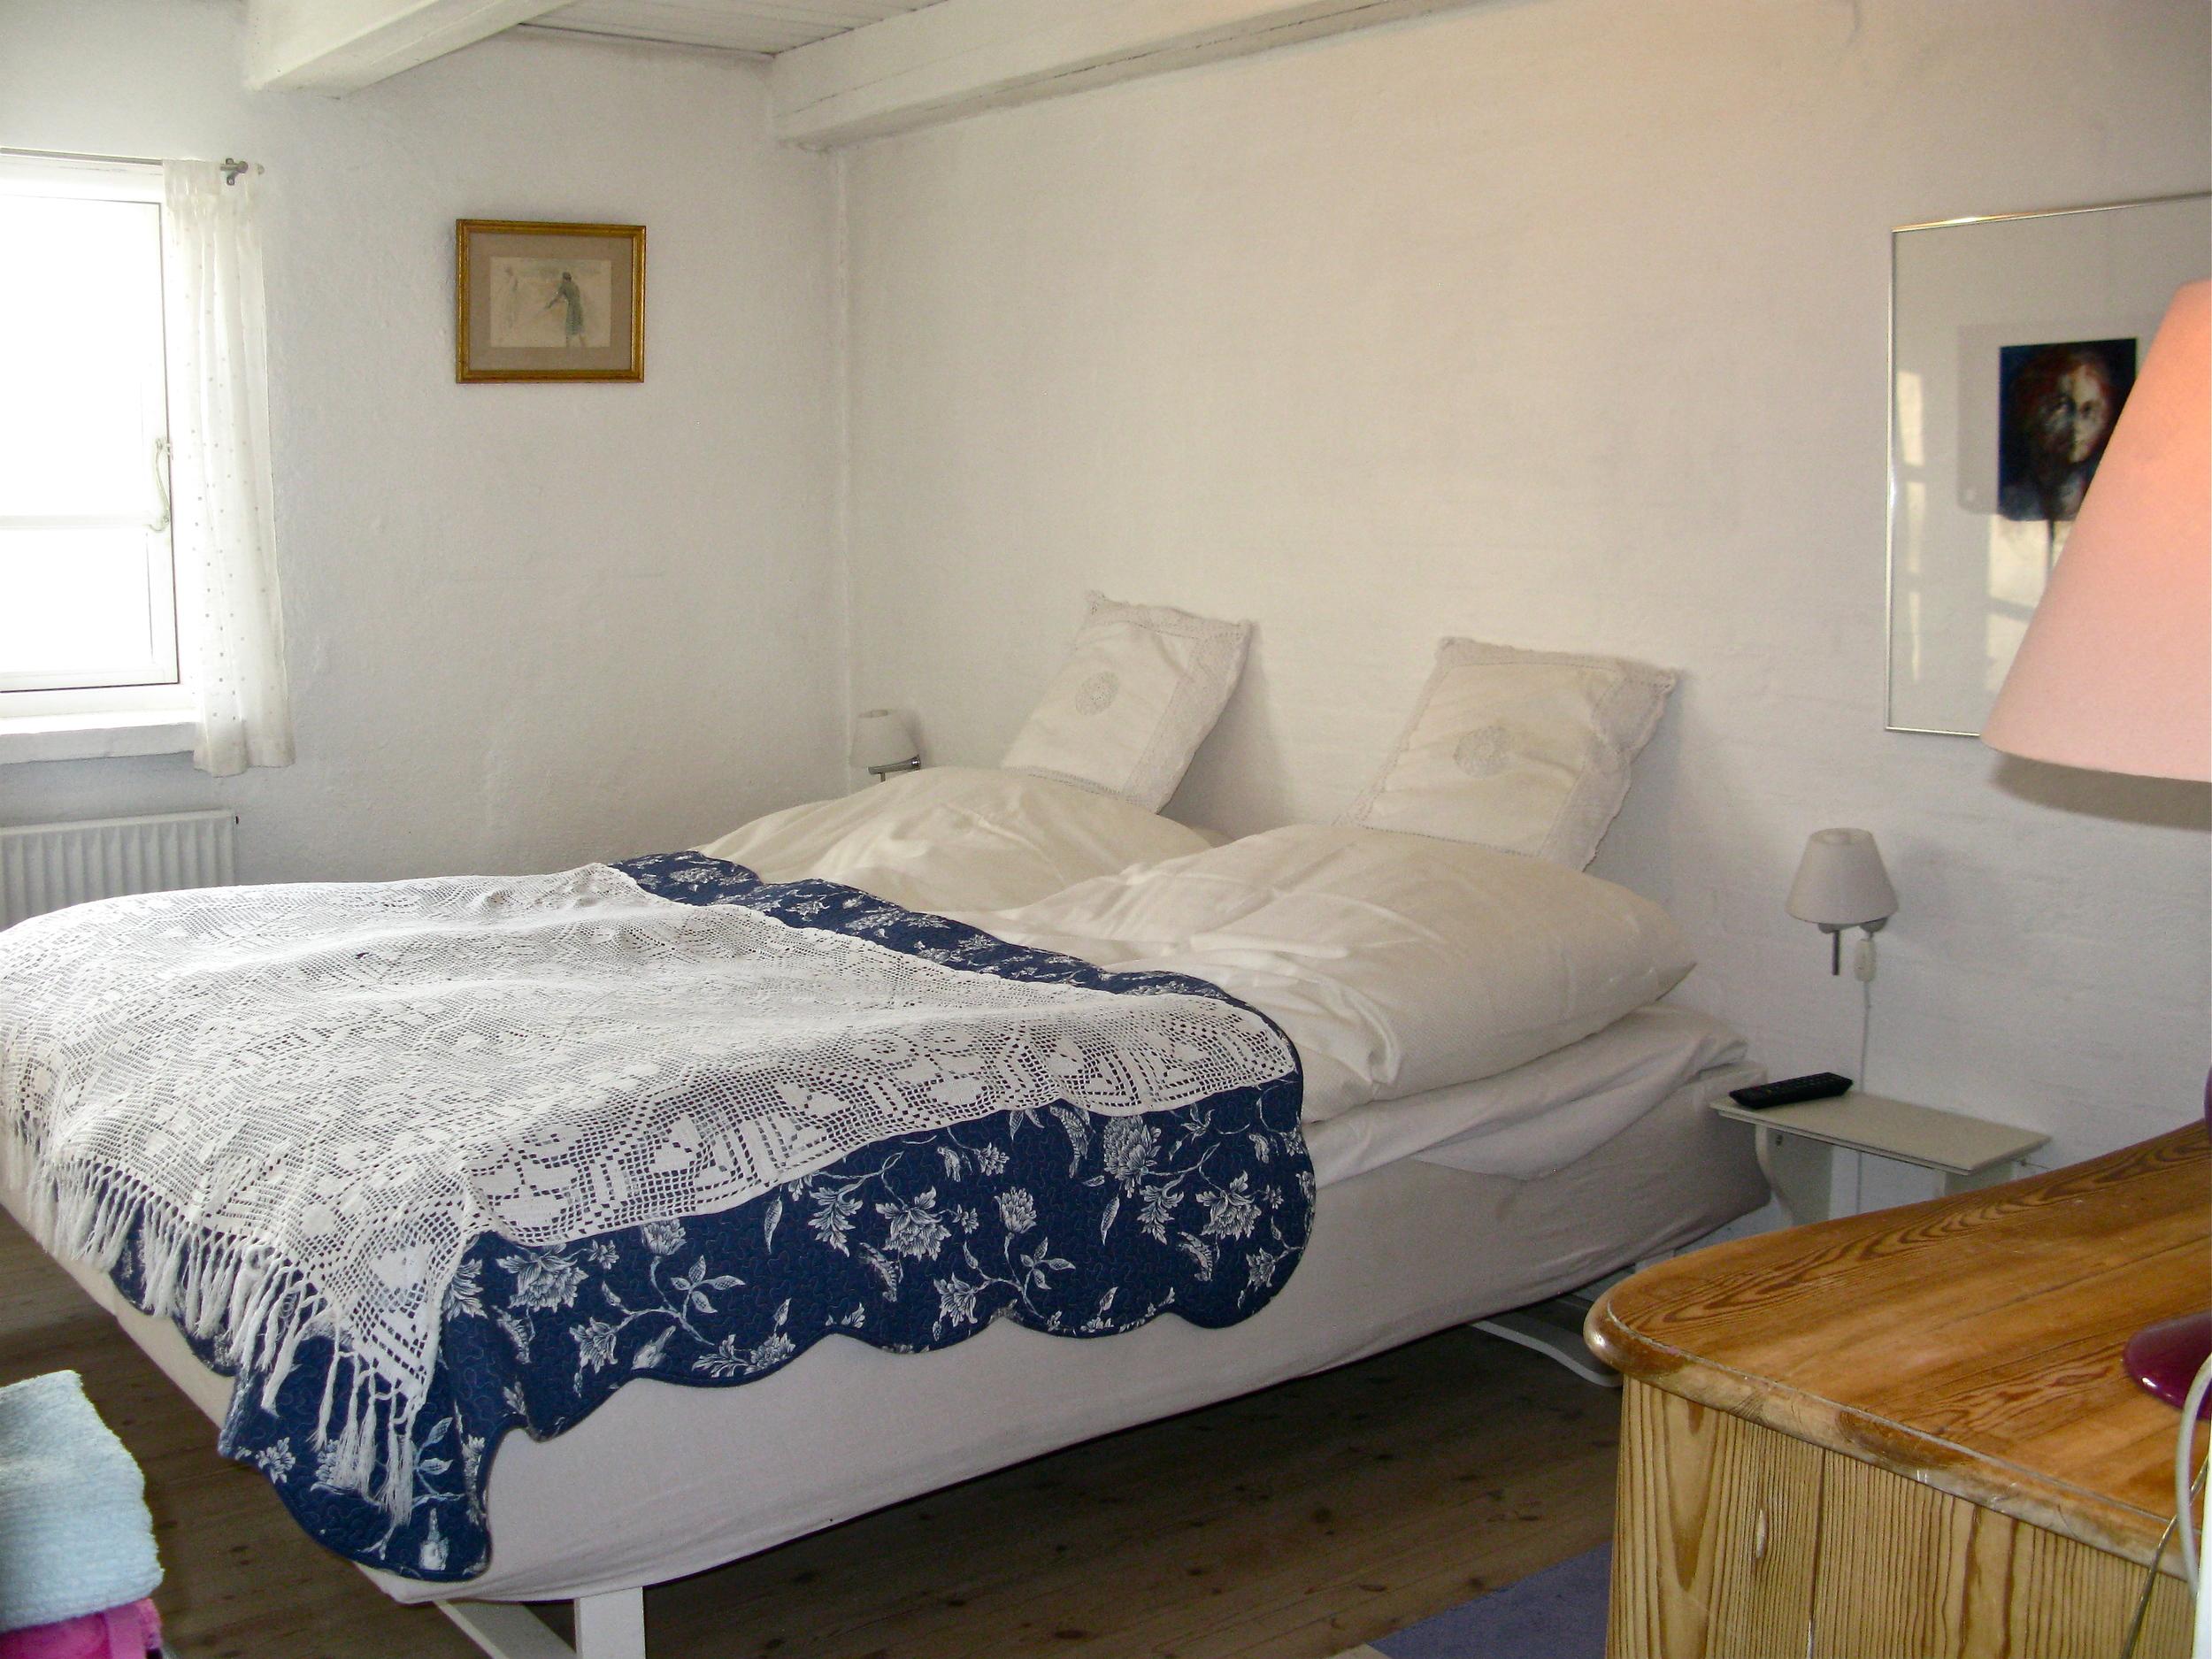 """Begge værelser har 2 enkeltsenge sat sammen til en dobbelt seng, der er fladskærm, fri Wi-Fi, senge linned, 2 håndklæder, hjemmesko, en badekåbe og som tidligere nævnt adgang  til delt badeværelse, """"fransk køkken""""  og Orangeri."""